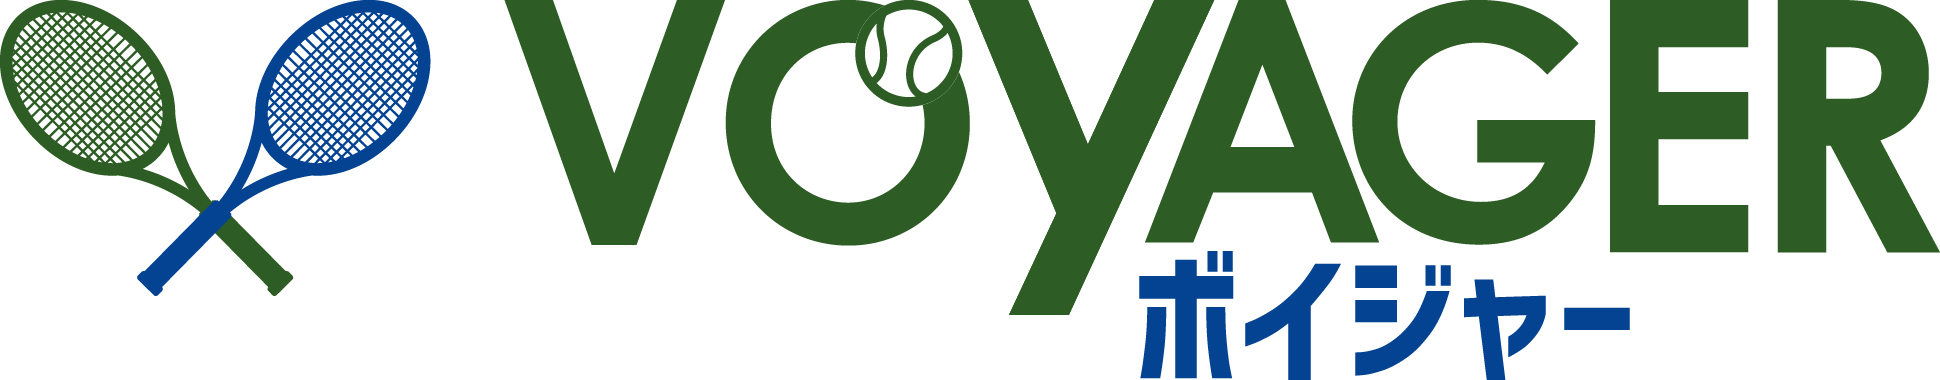 安城市、知立市、刈谷市のテニススクール、テニス教室|VOyAGER